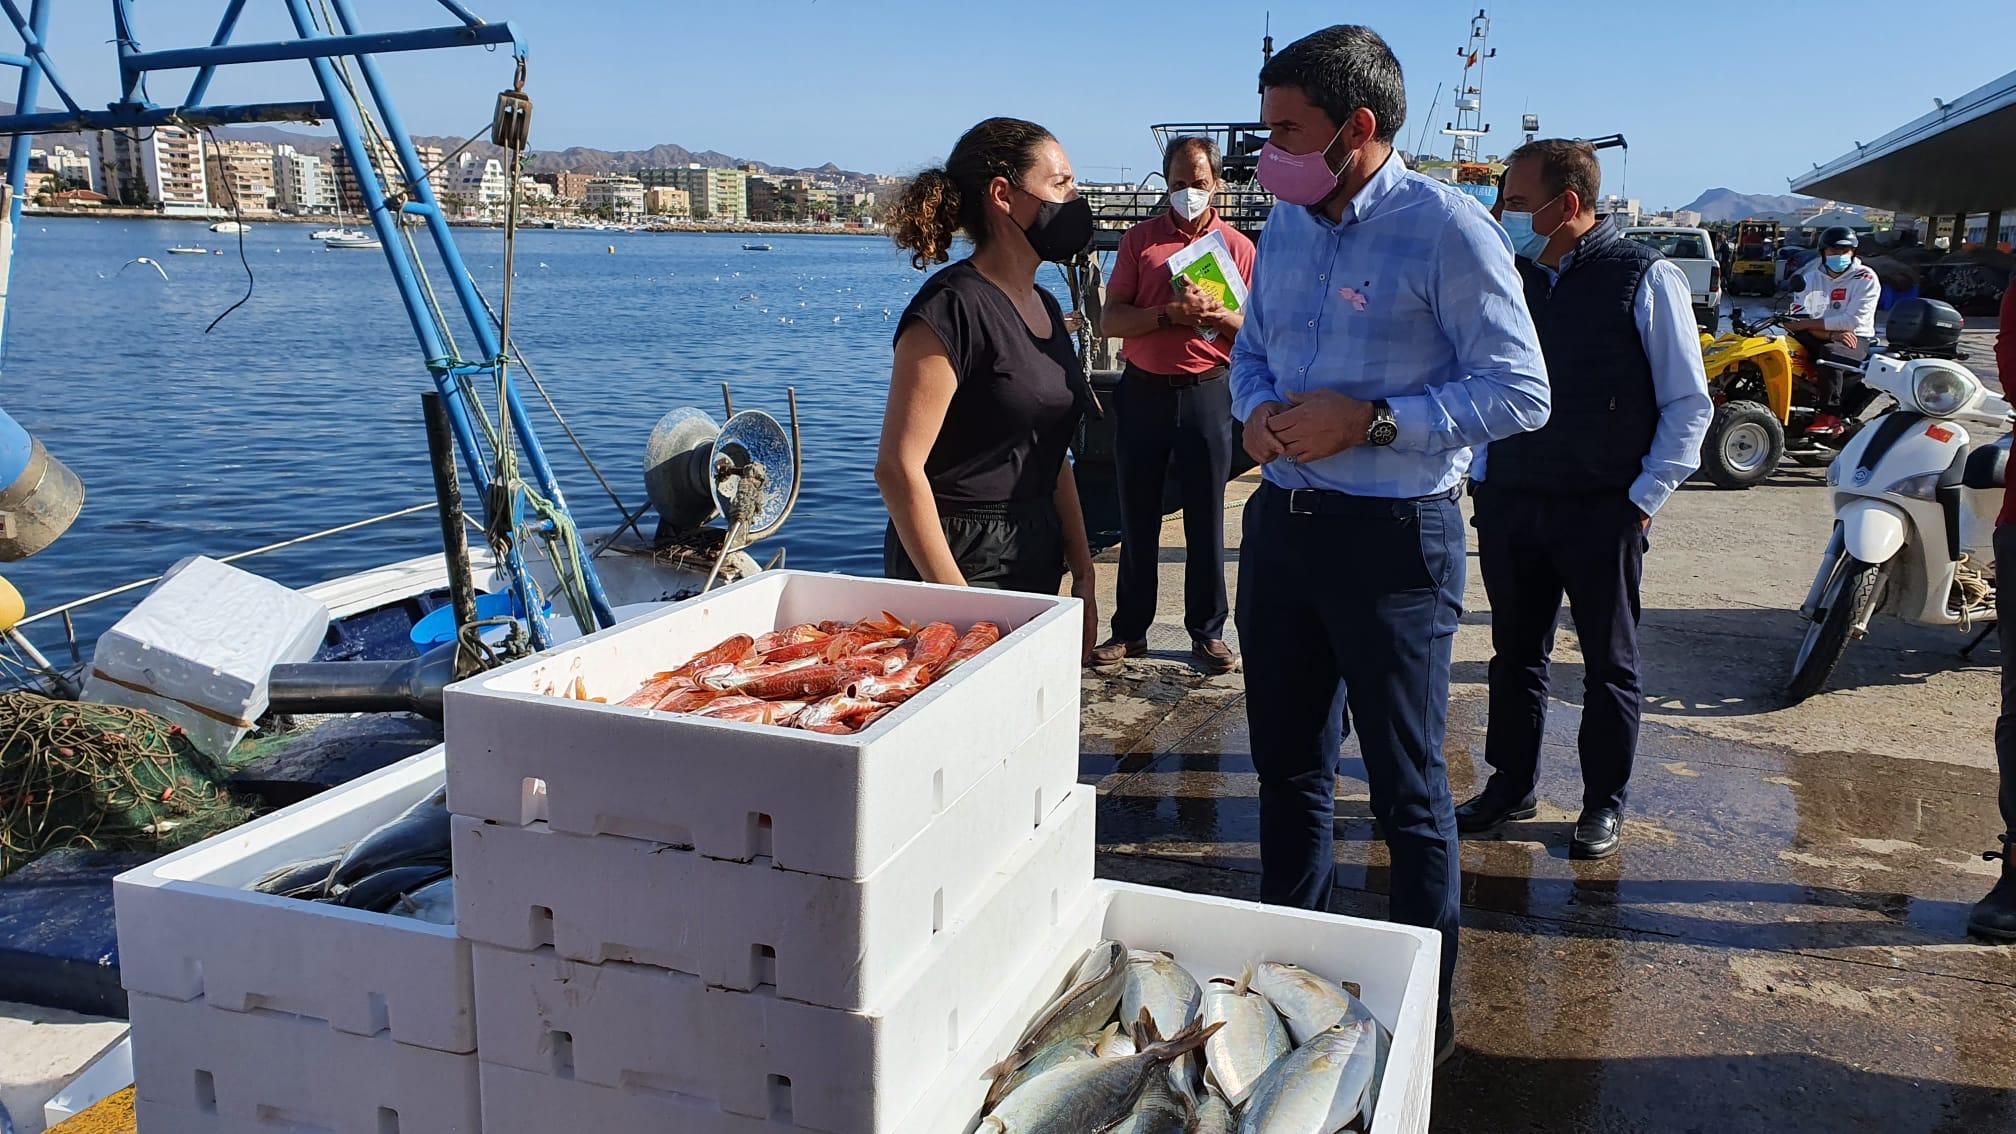 El consejero Antonio Luengo, durante su visita a la Lonja de pescado de Águilas. Imagen: CARM